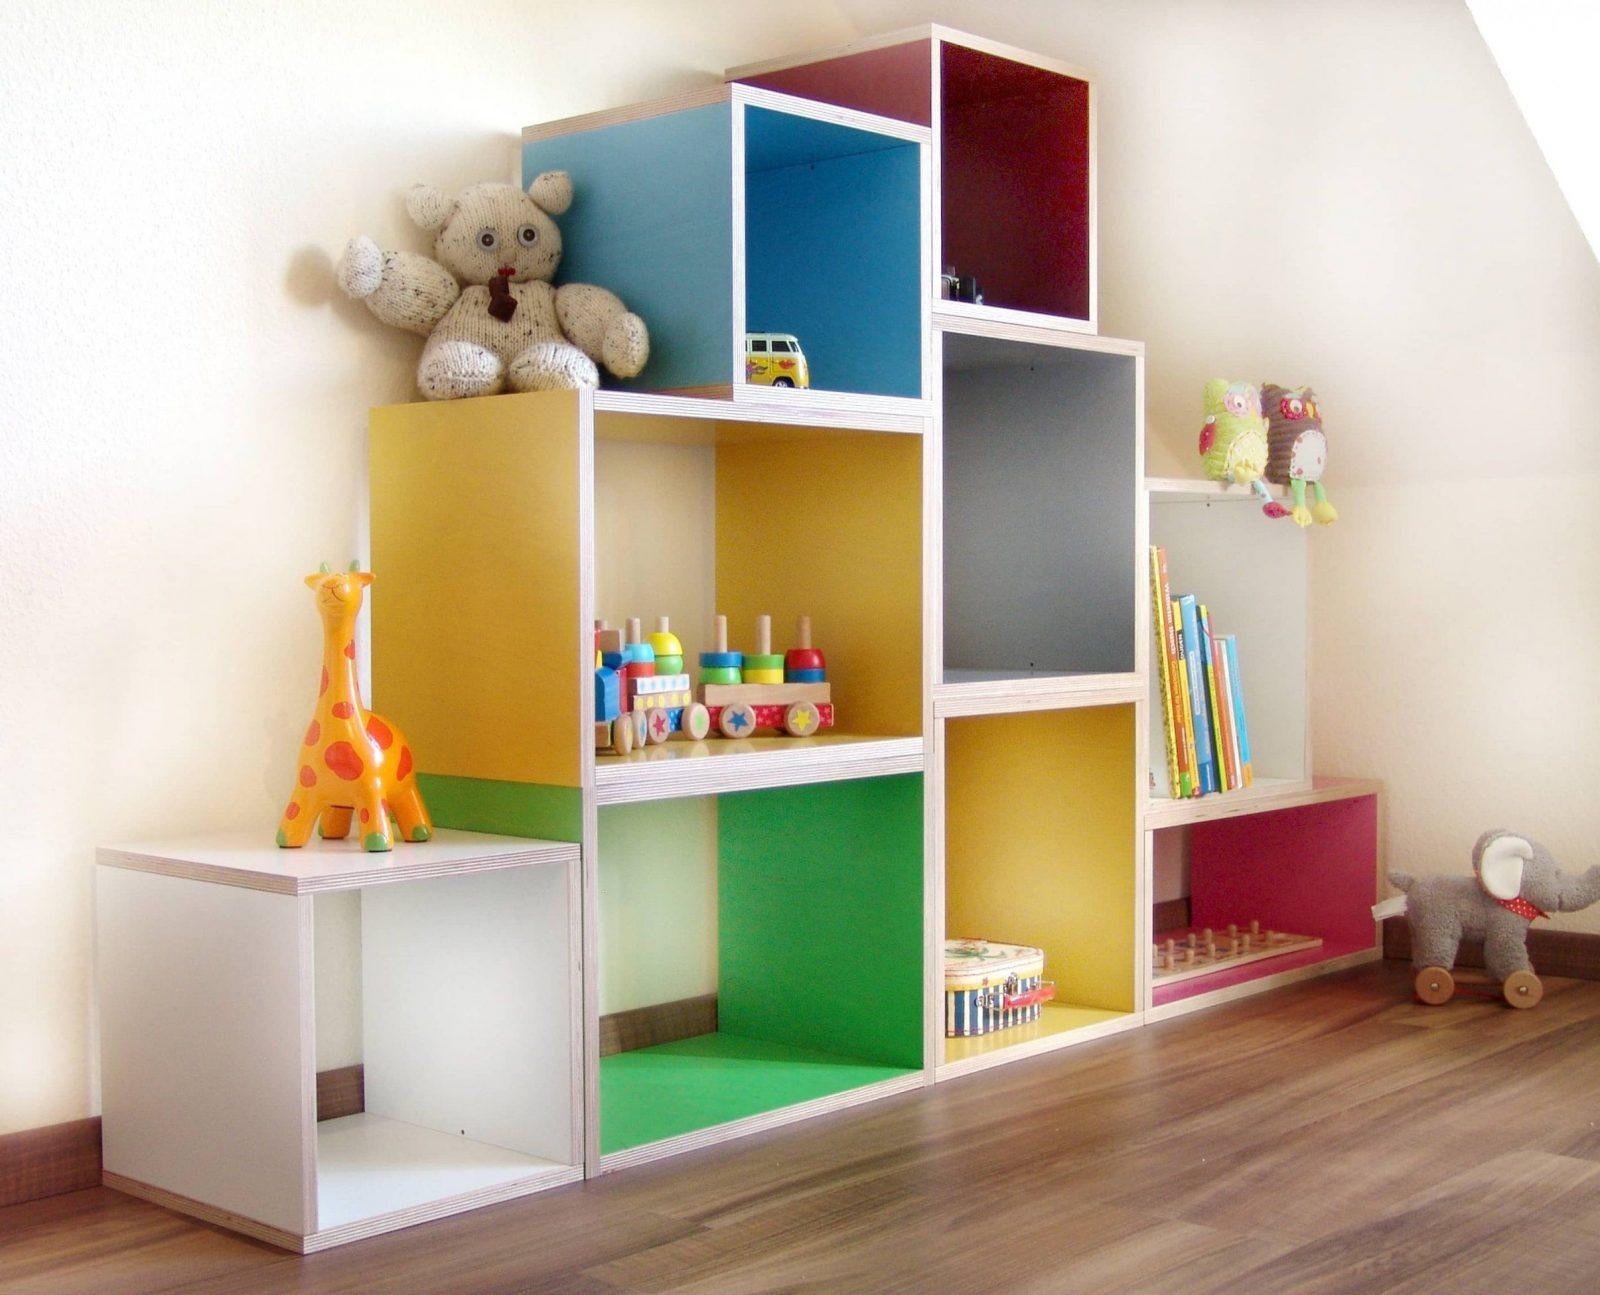 Phantasievolle Inspiration Stufenregal Kinderzimmer Und Intelligente von Kinderzimmer Regal Mit Kisten Photo